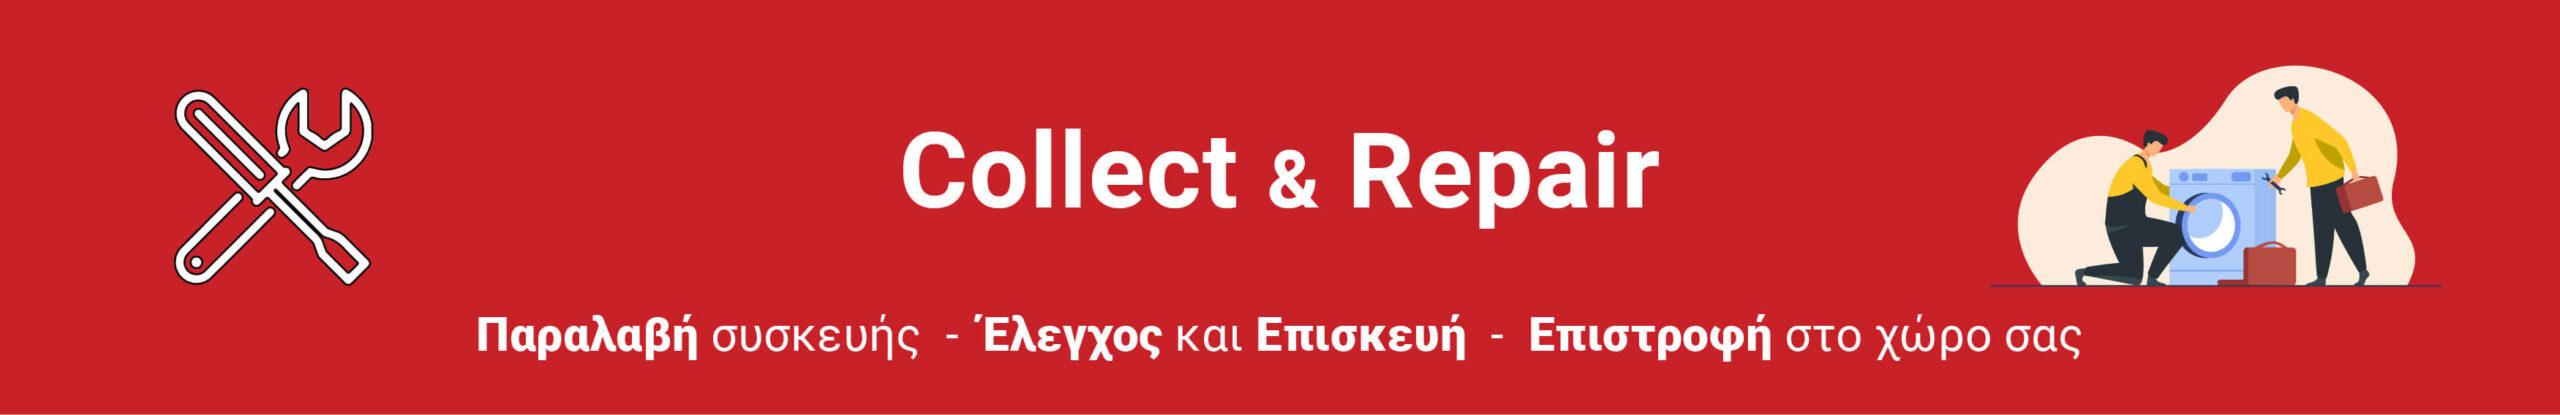 collect-repair